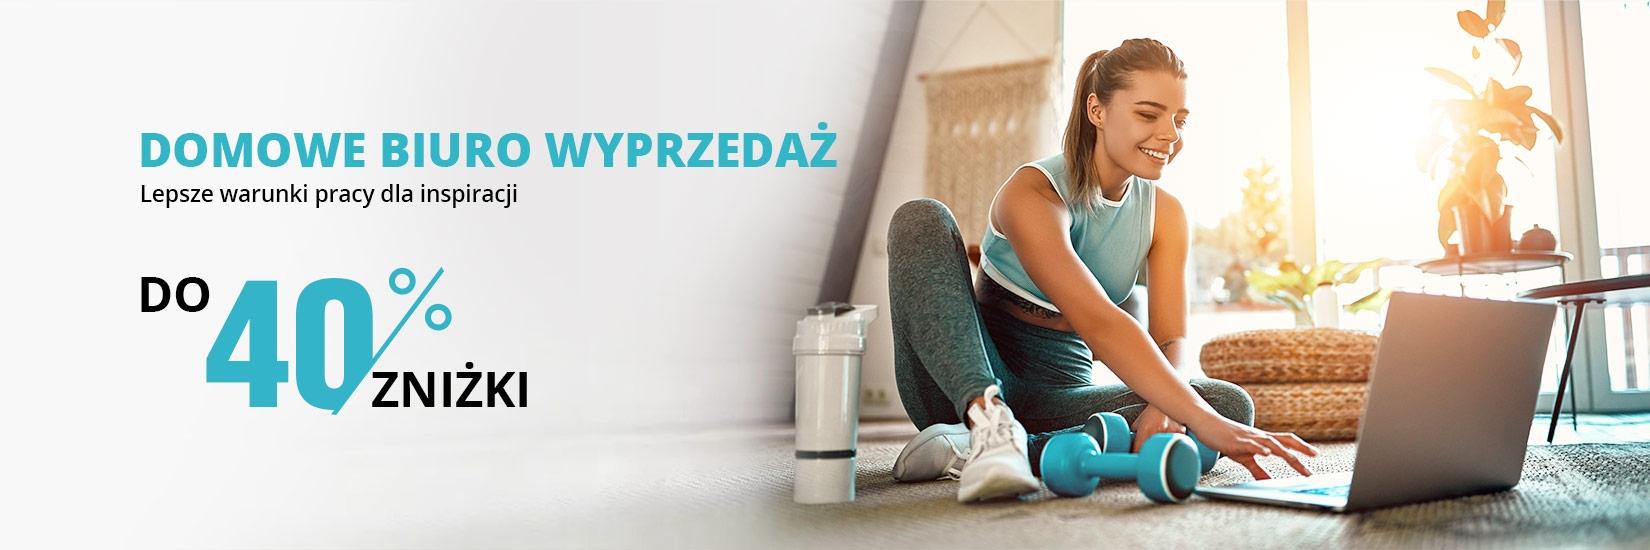 Domowe Biuro Wyprzedaż - Geekbuying.pl